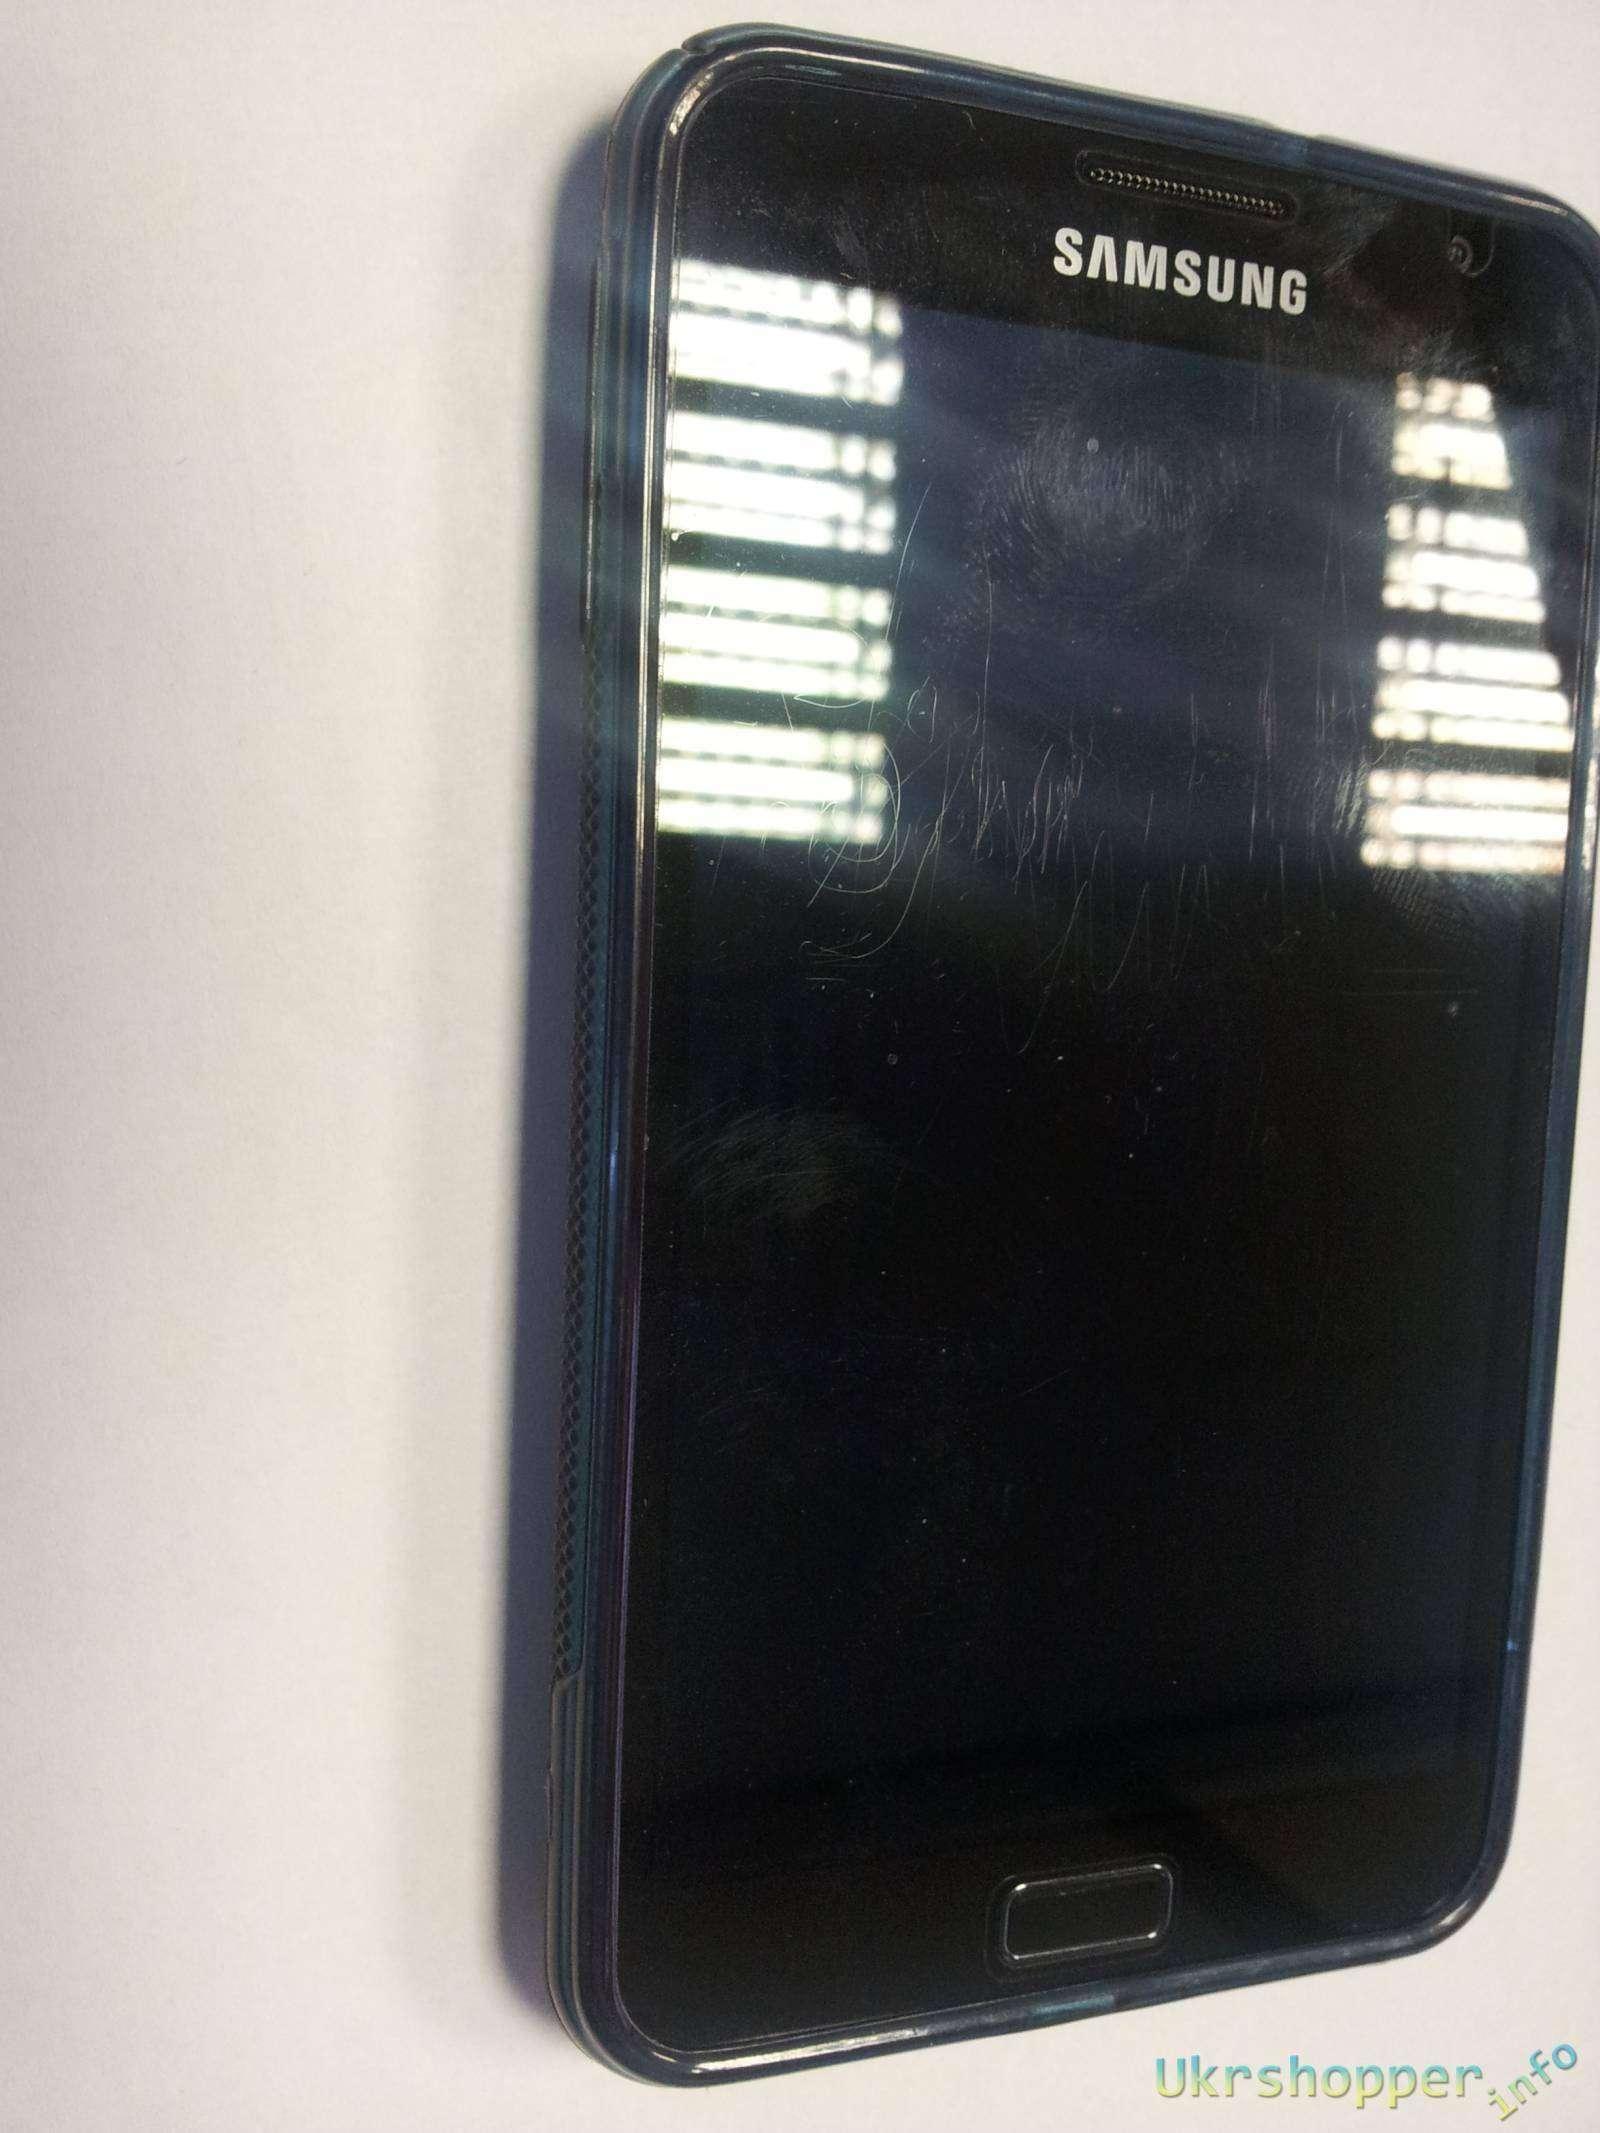 Aliexpress: Обзор оригинального силиконового бампера для телефона Samsung Galaxy Note N7000